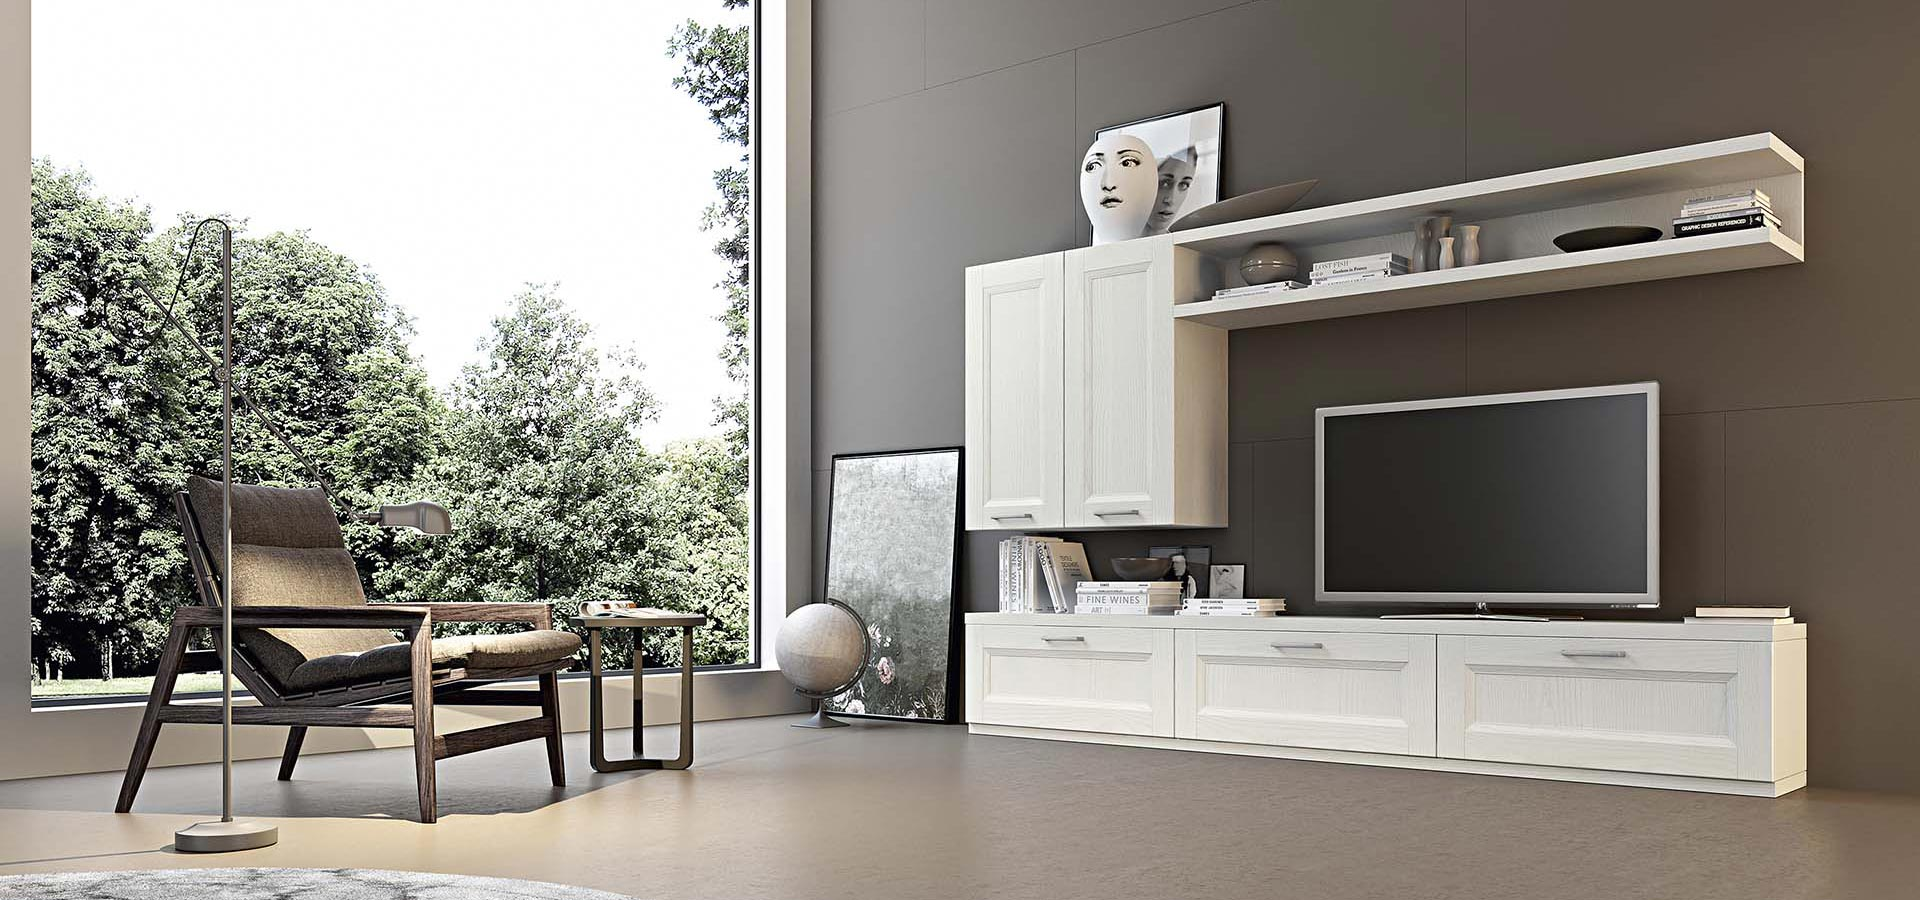 Soggiorni pirani mobili for Esempi di arredamento